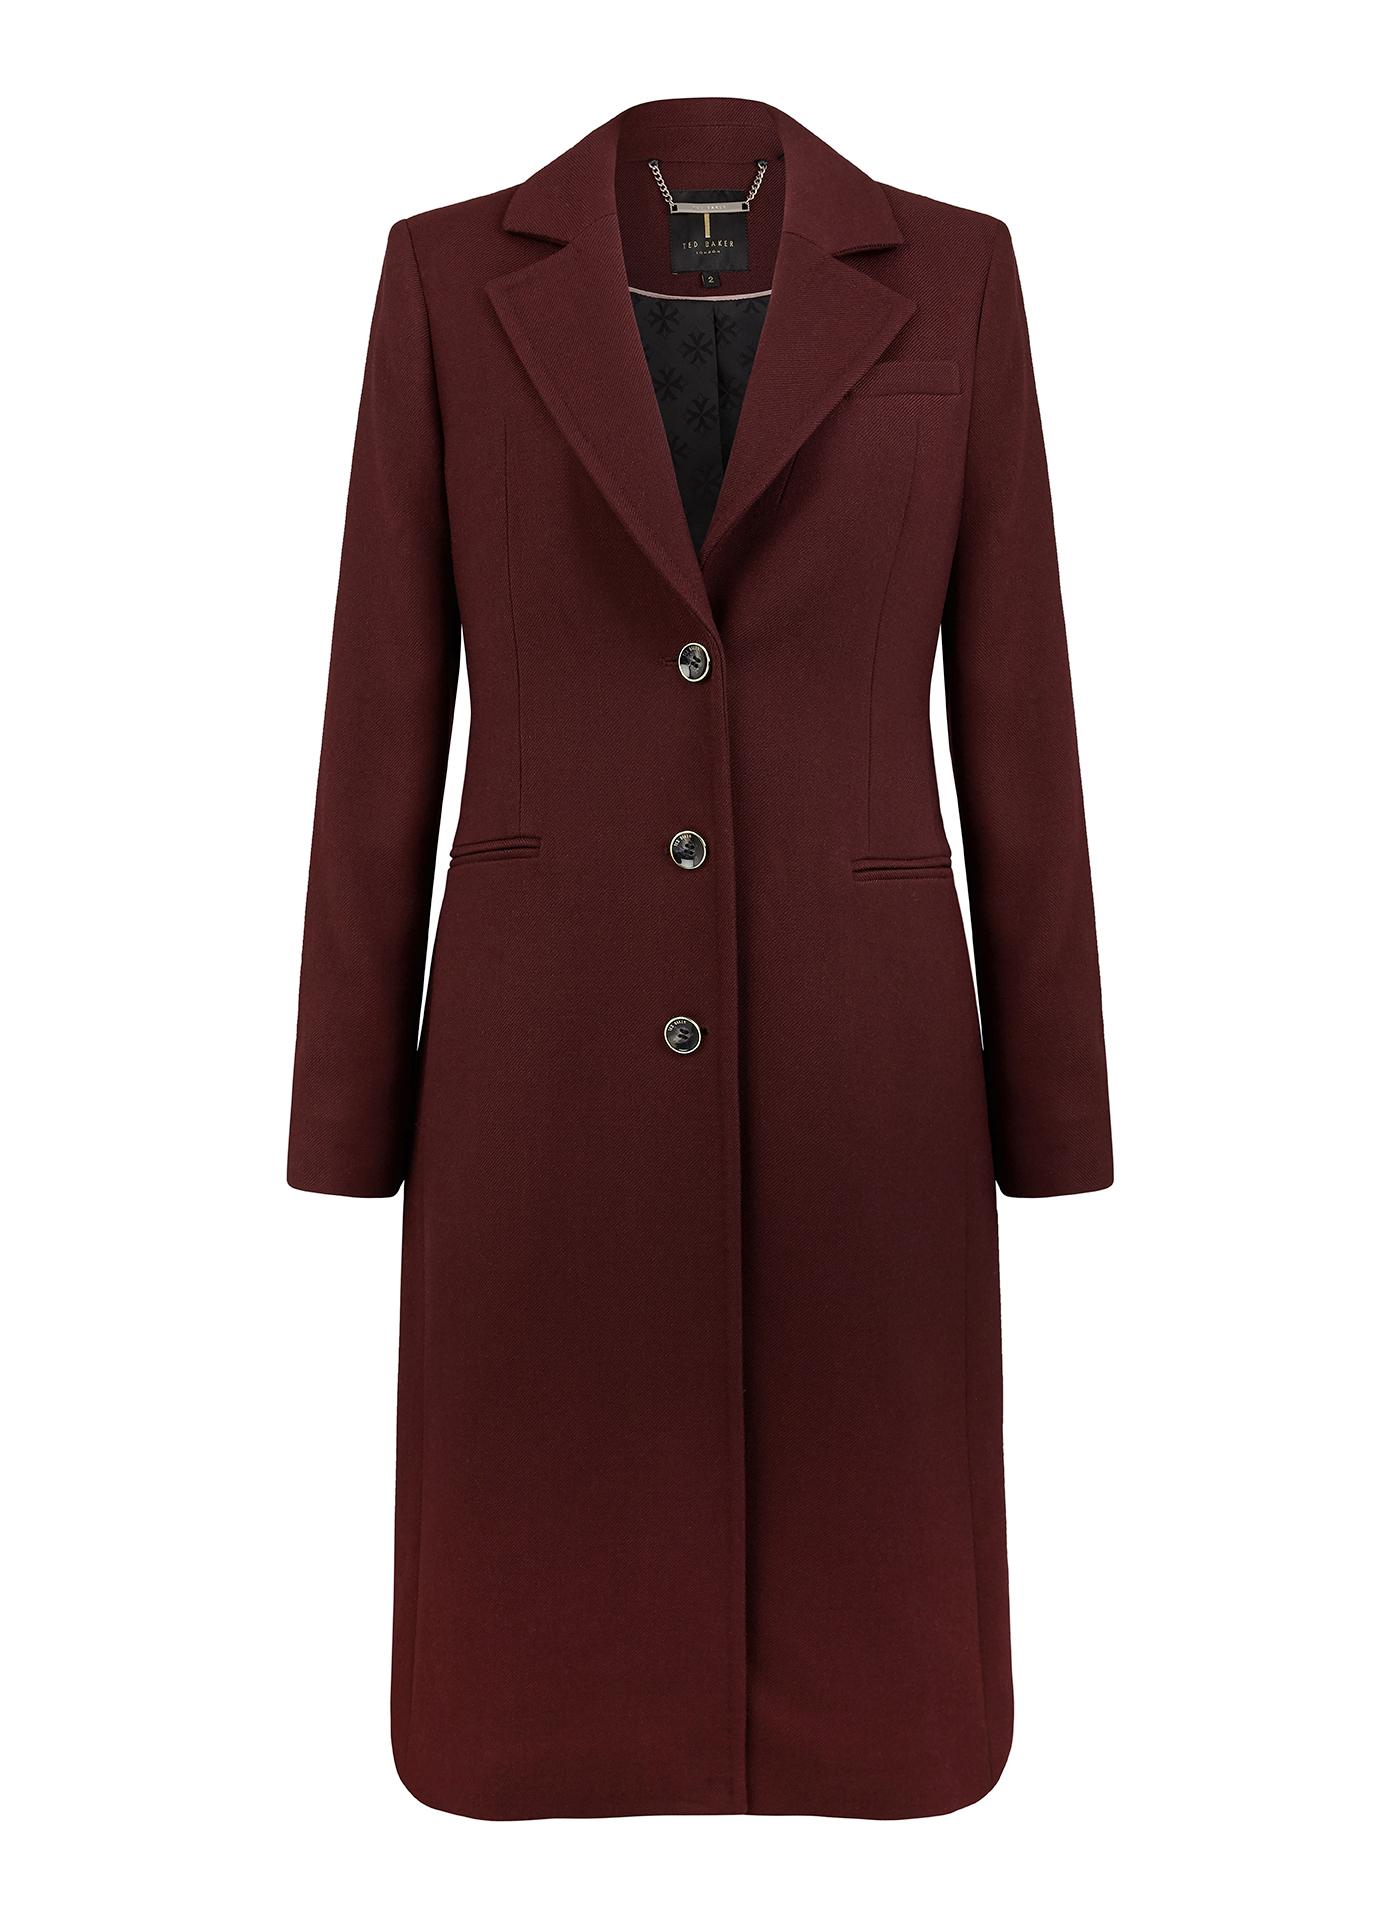 Ted Baker long winter coat in burgundy